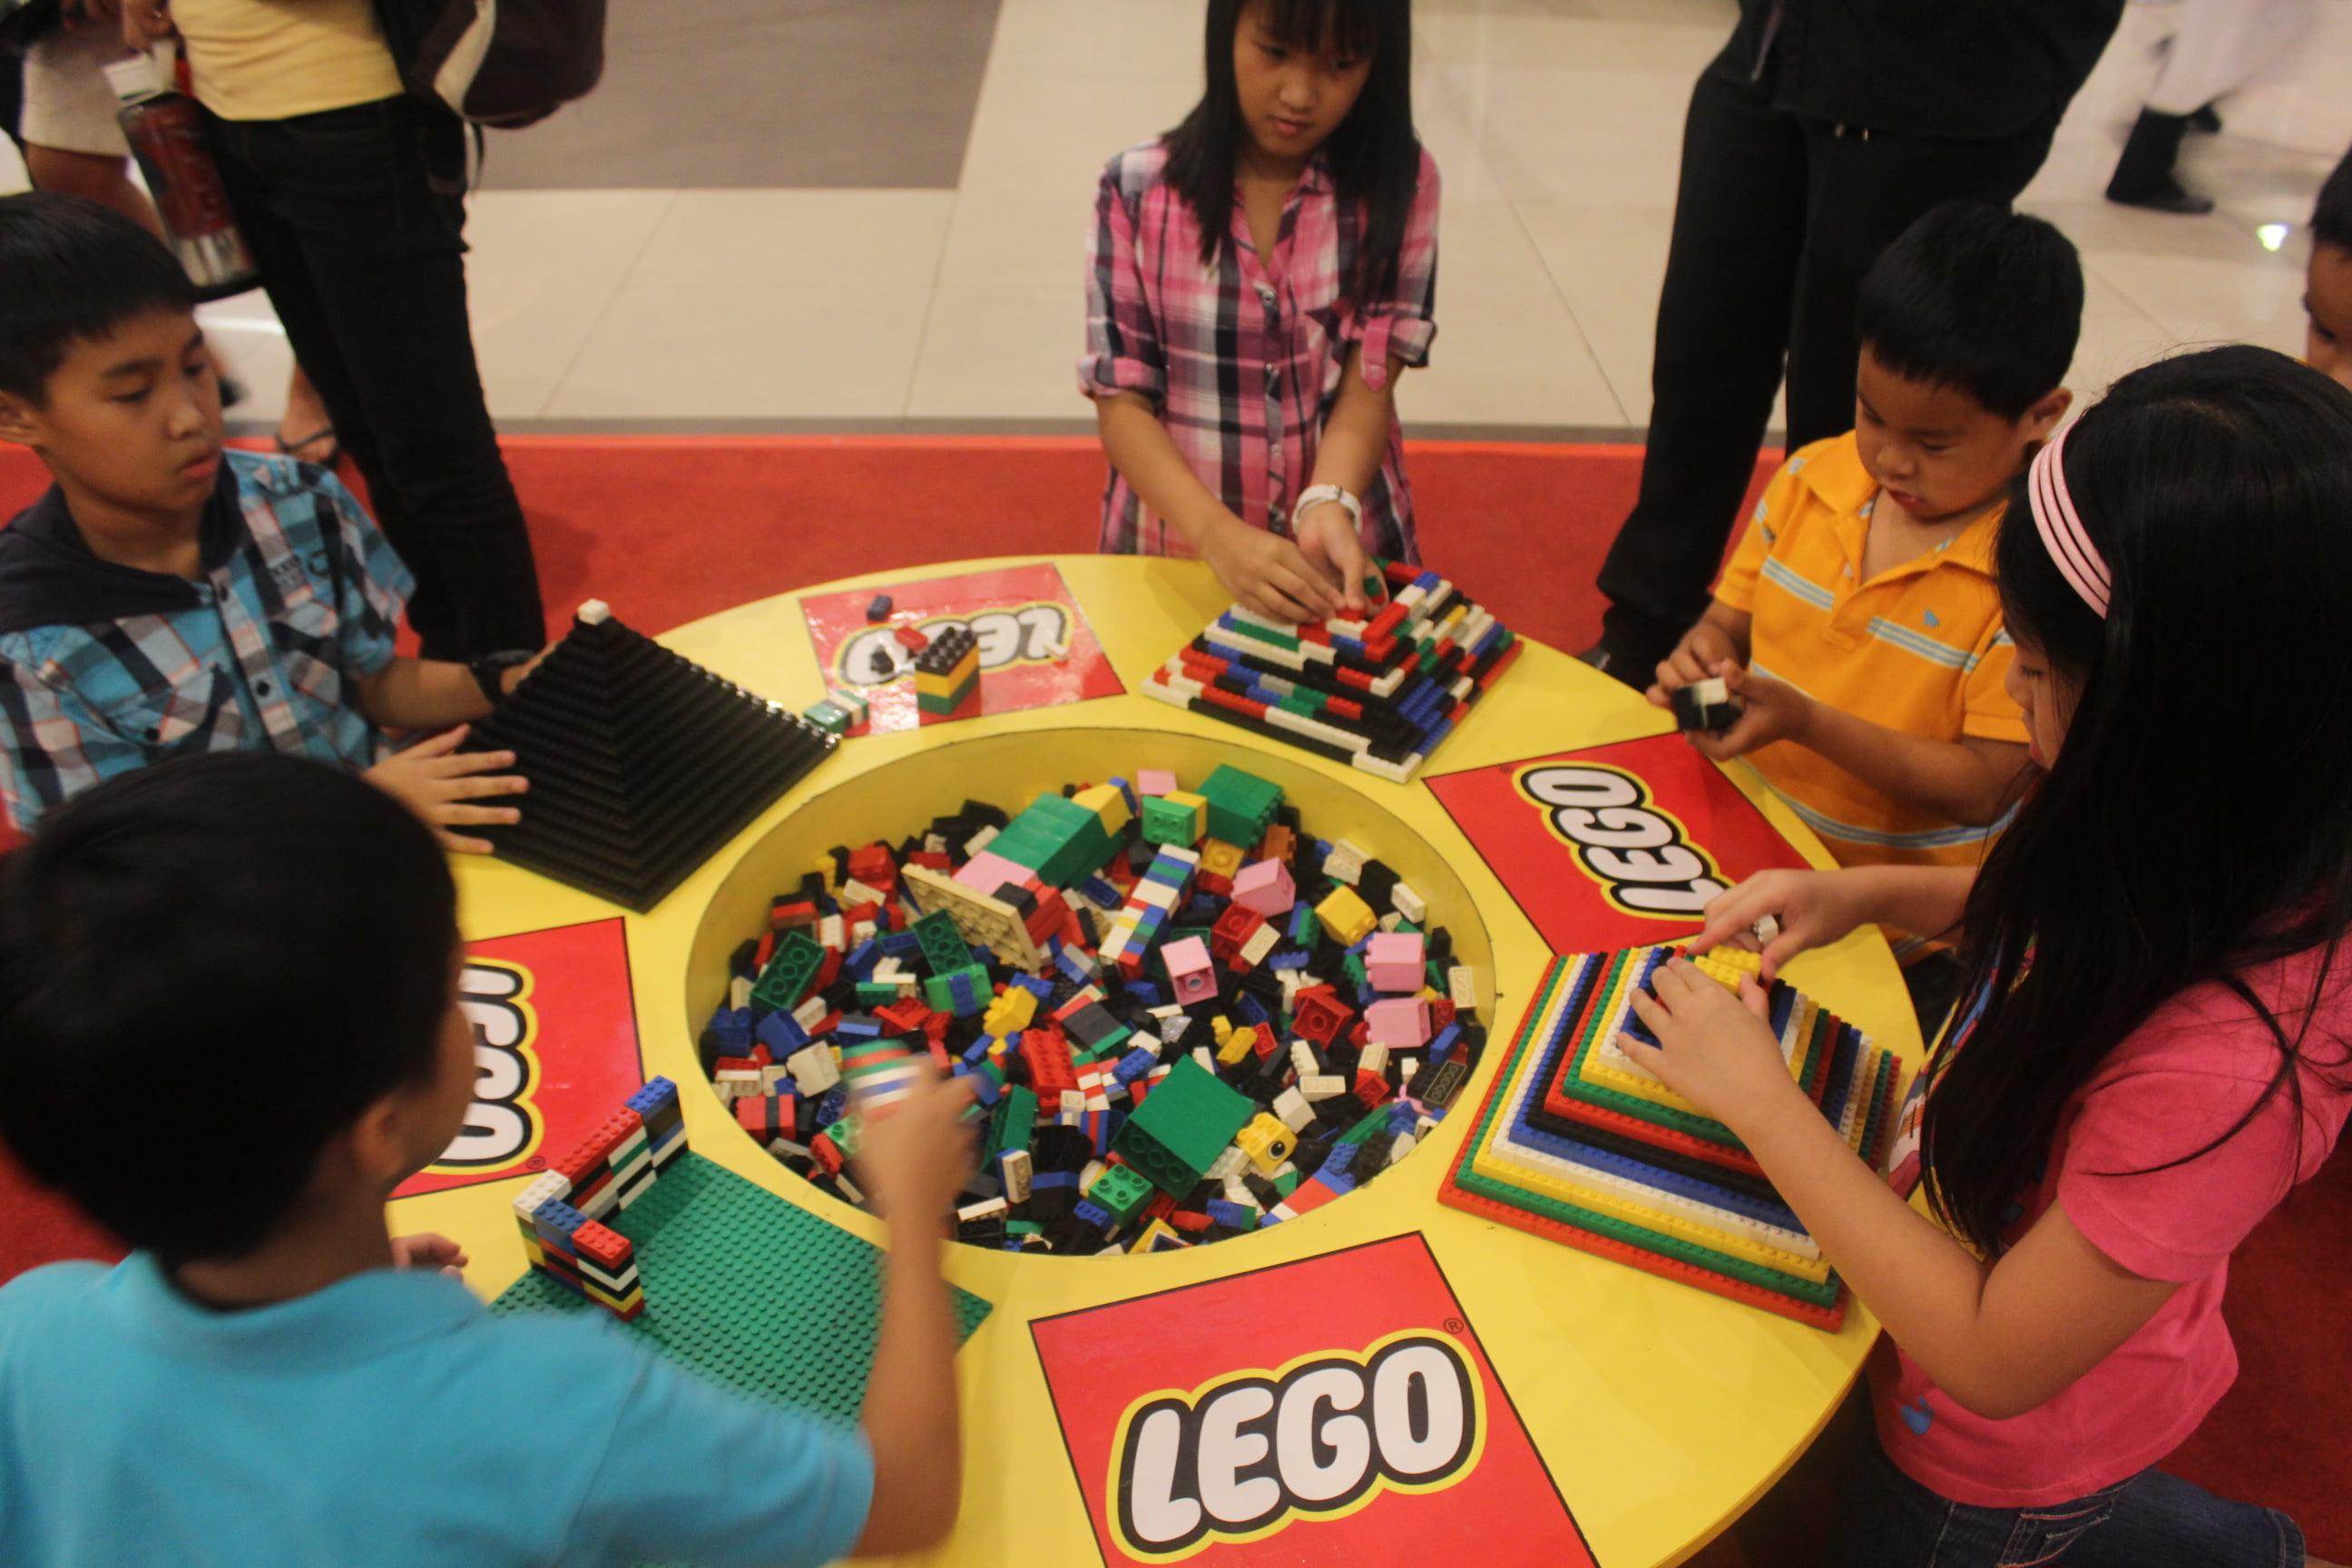 Jocul de lego Foto: zerothreetwo.com